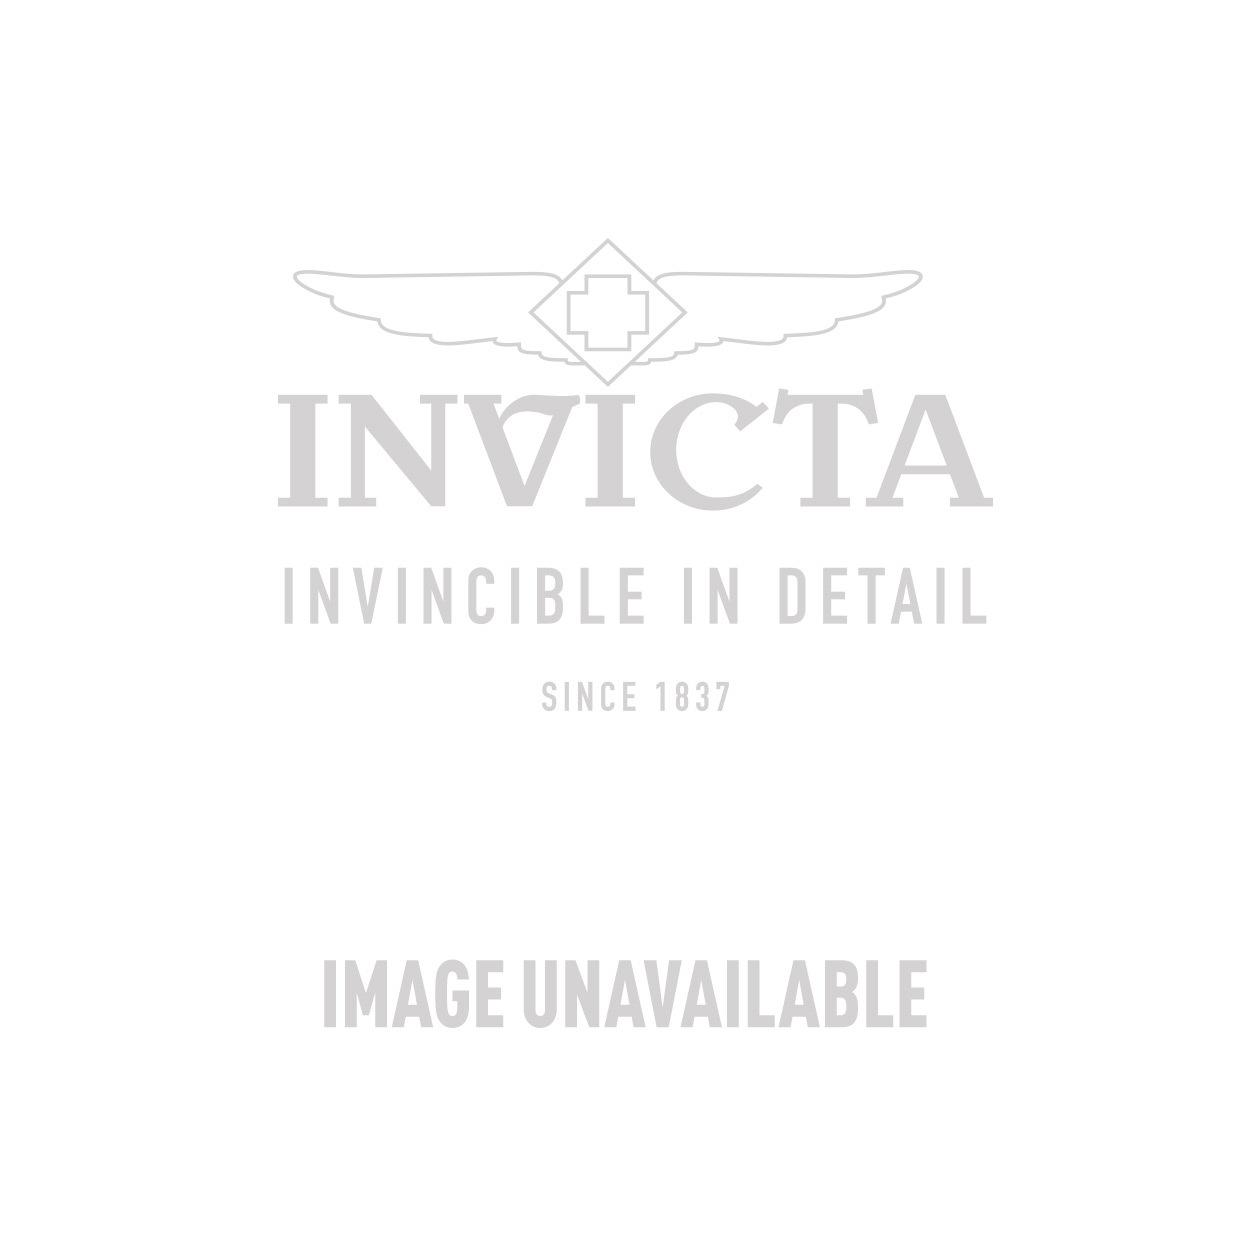 Invicta Model 28378